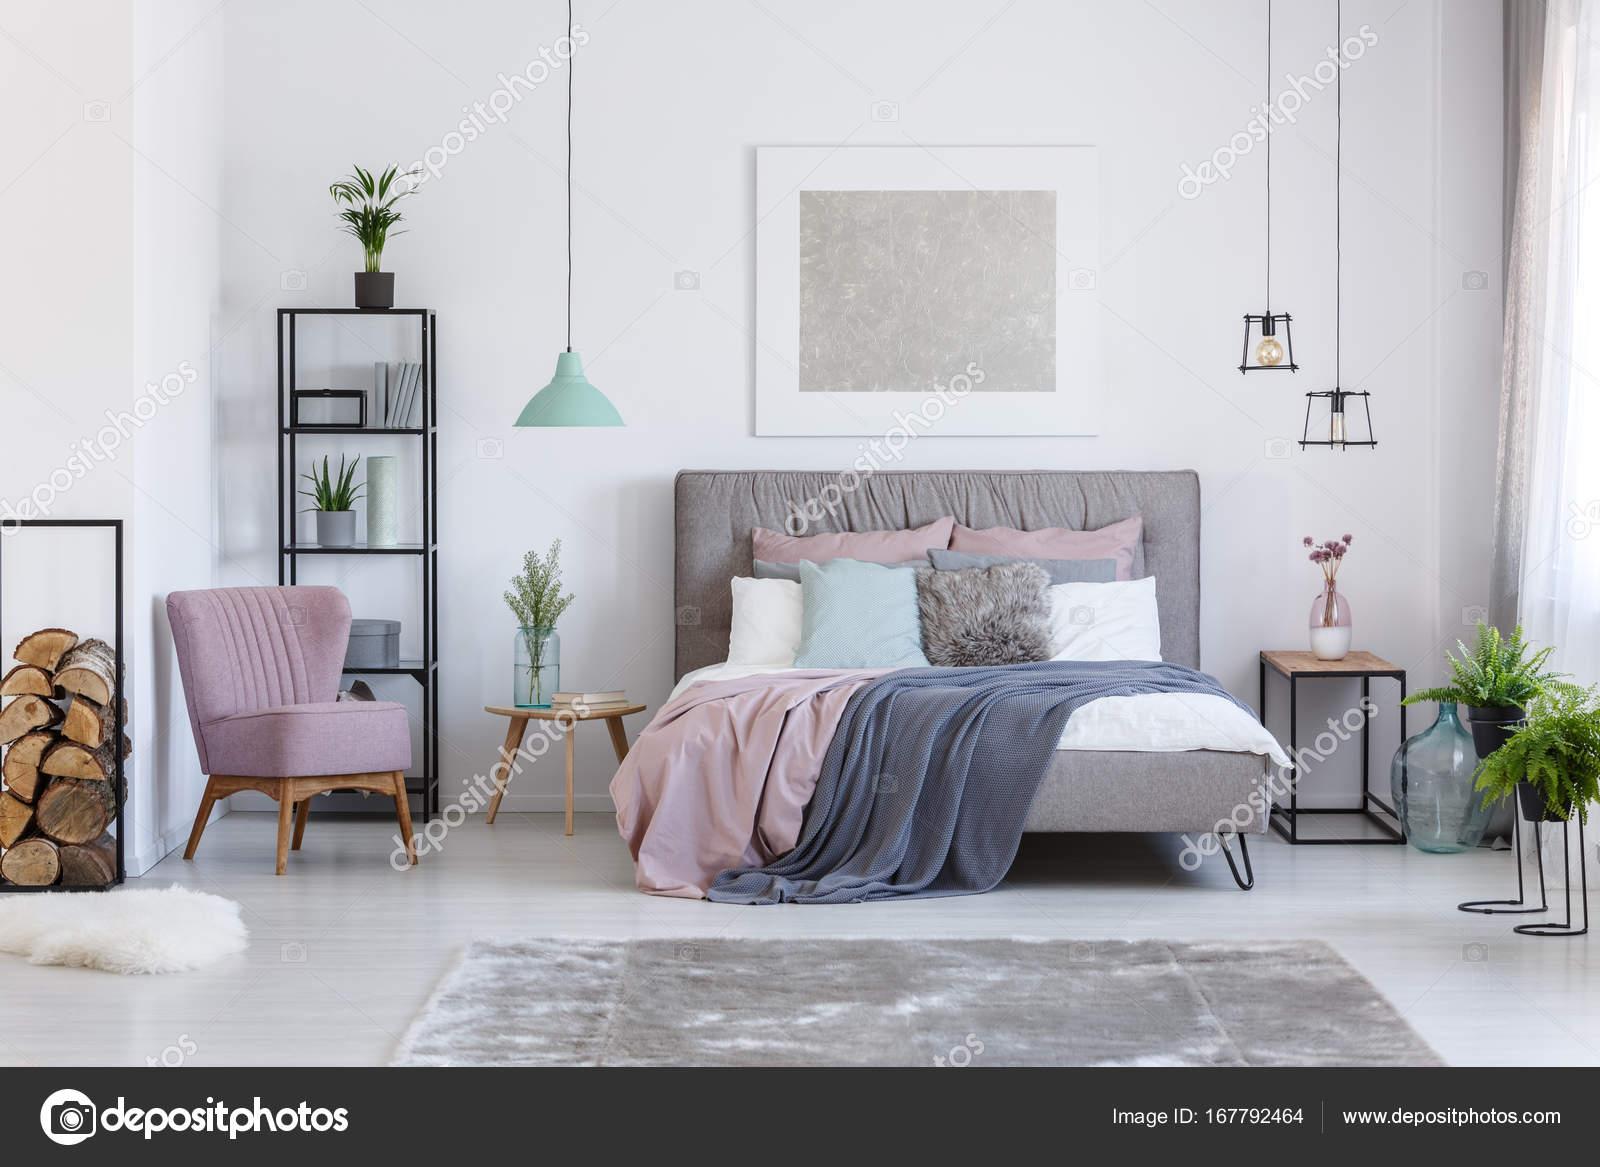 Camera da letto pastello con sedia comoda — Foto Stock ...